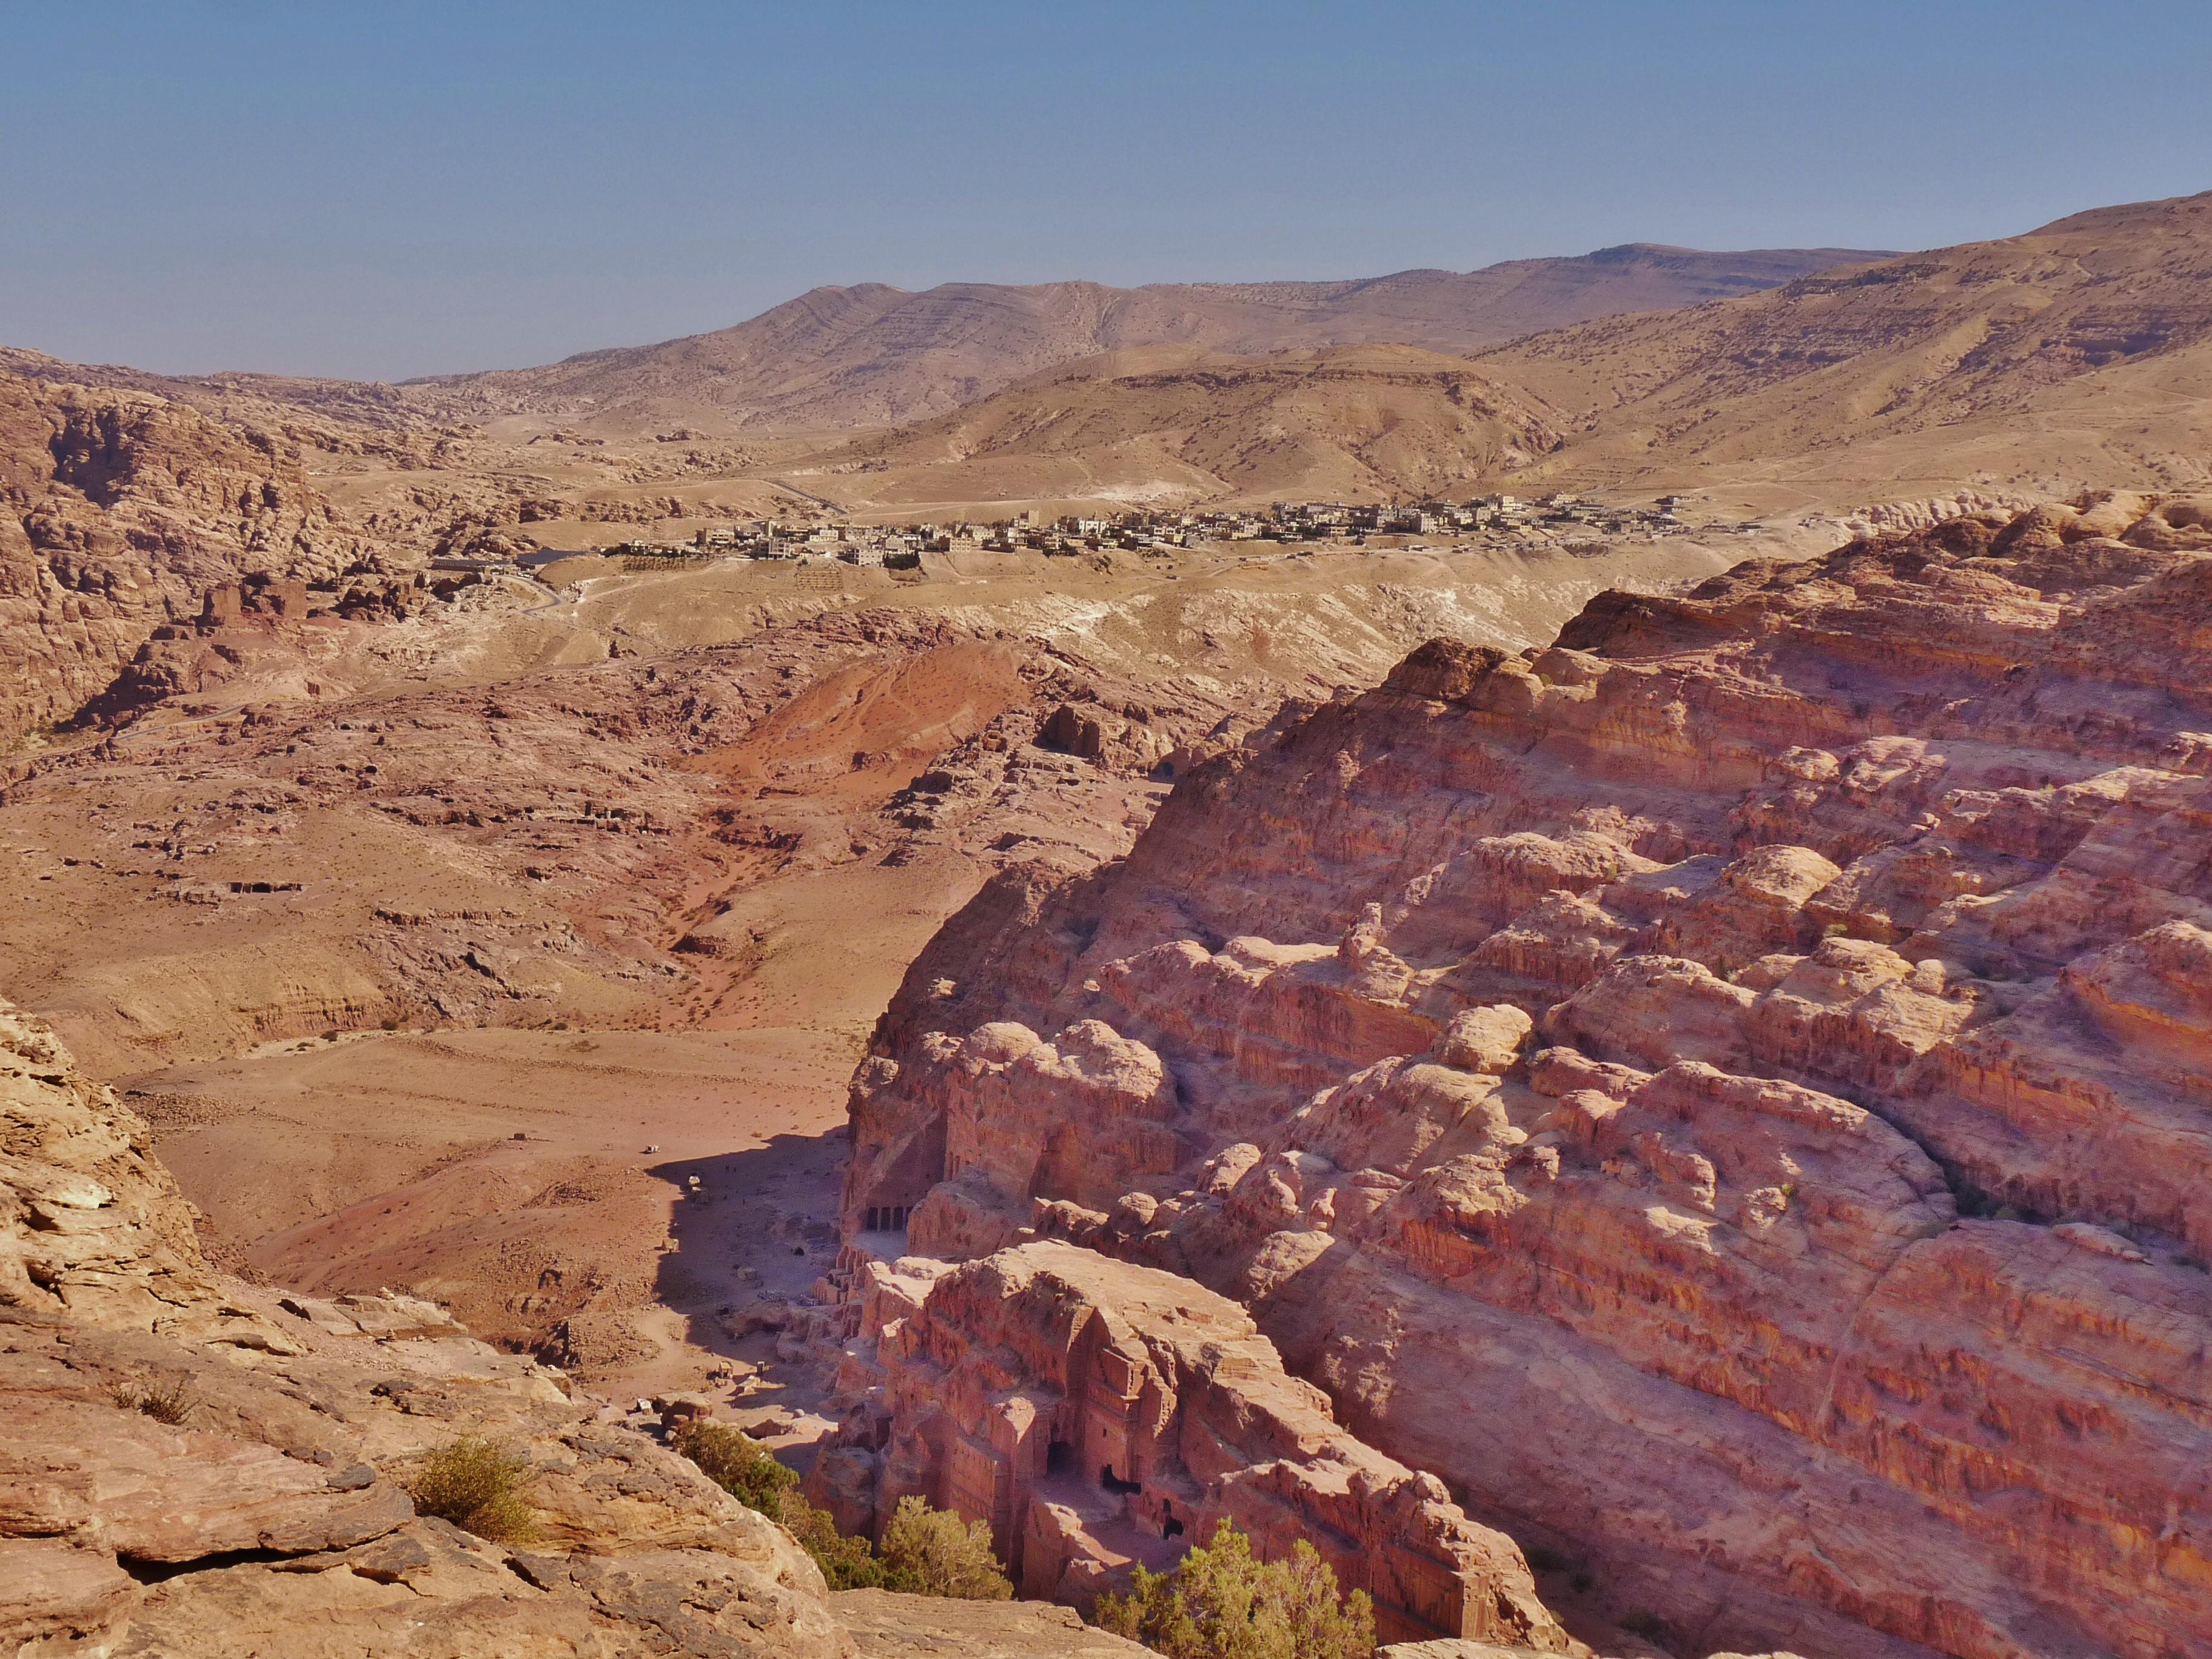 Bedouin People